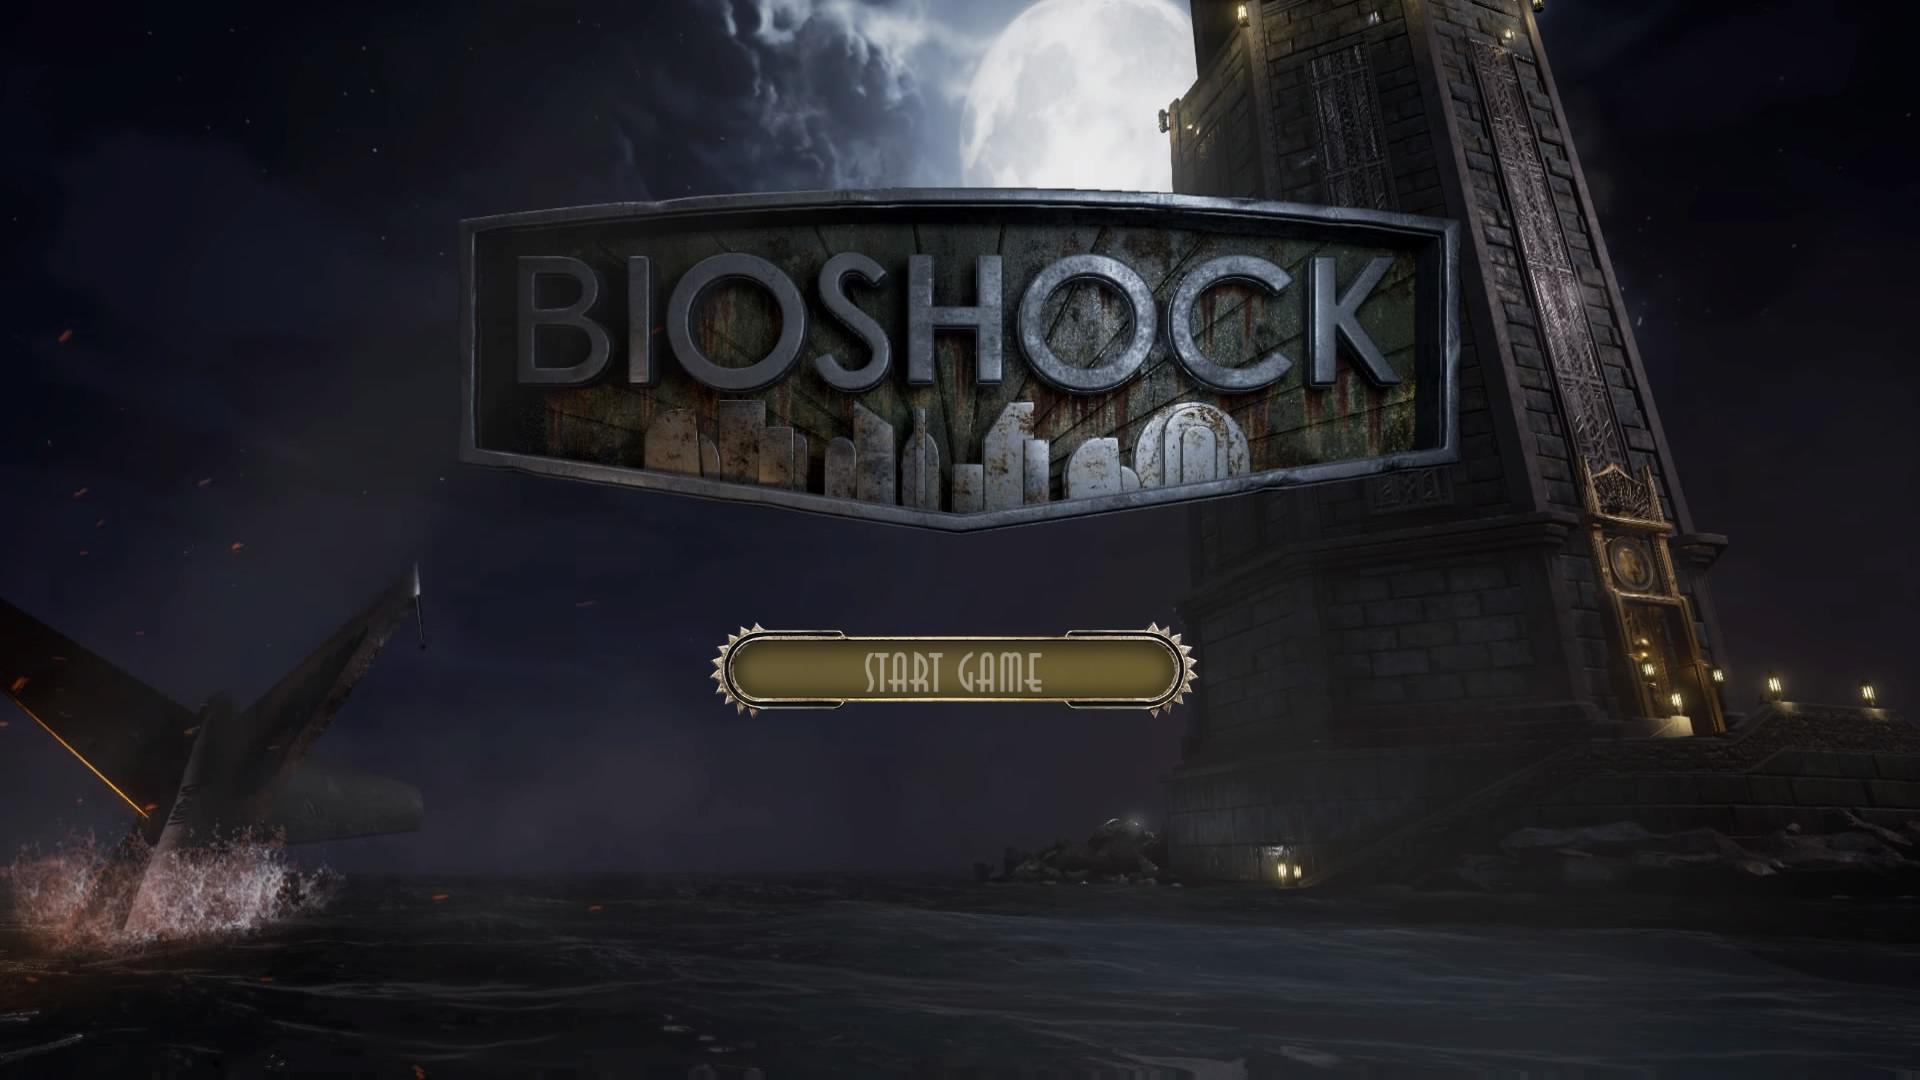 Why I love Bioshock